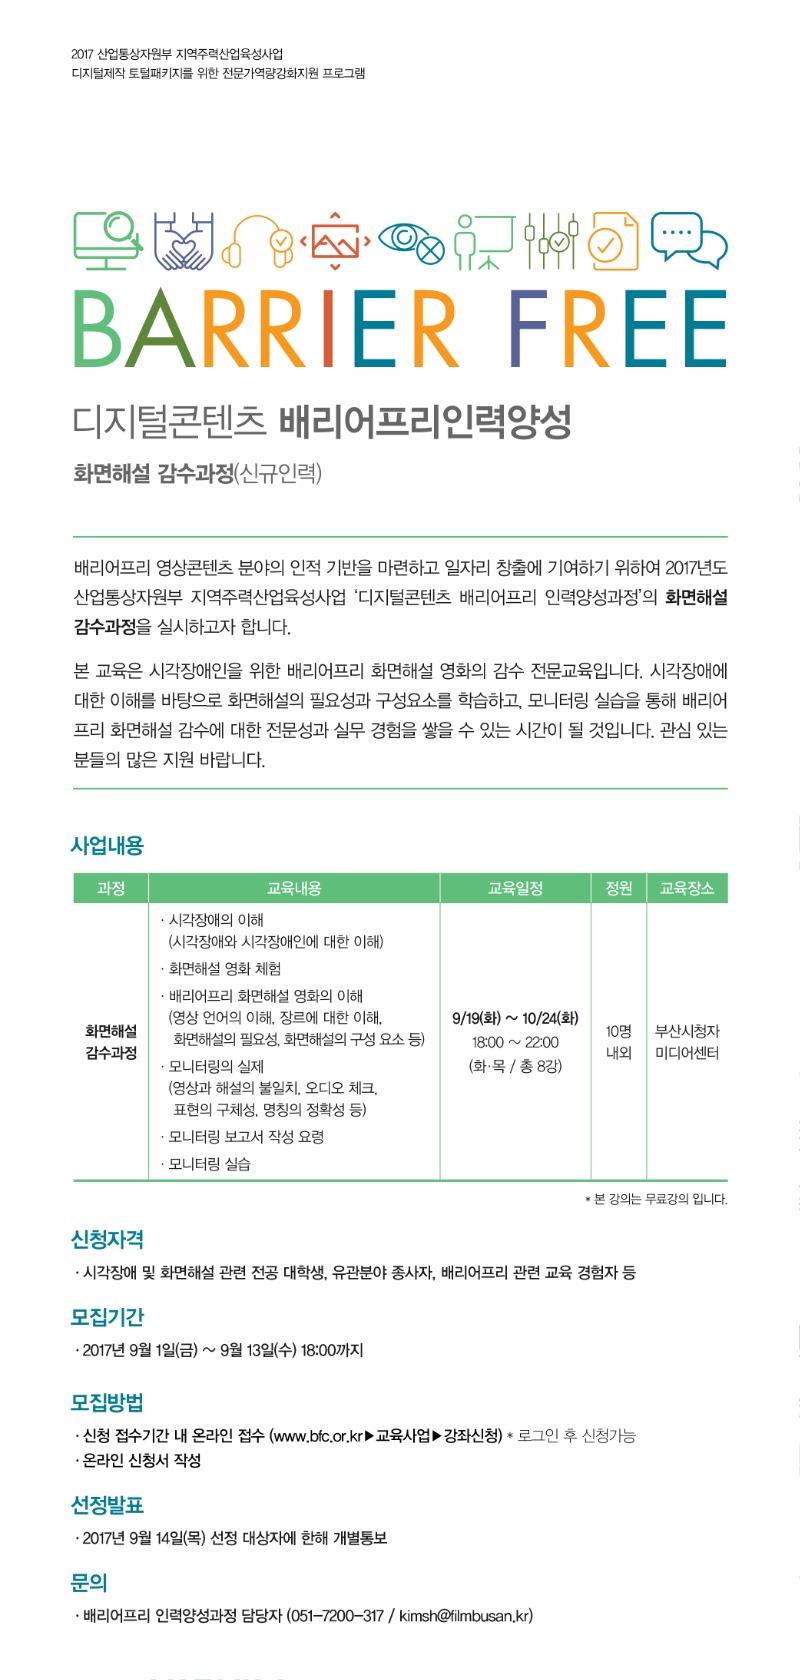 영상위원회 화면해설 감수과정 웹공고문.jpg